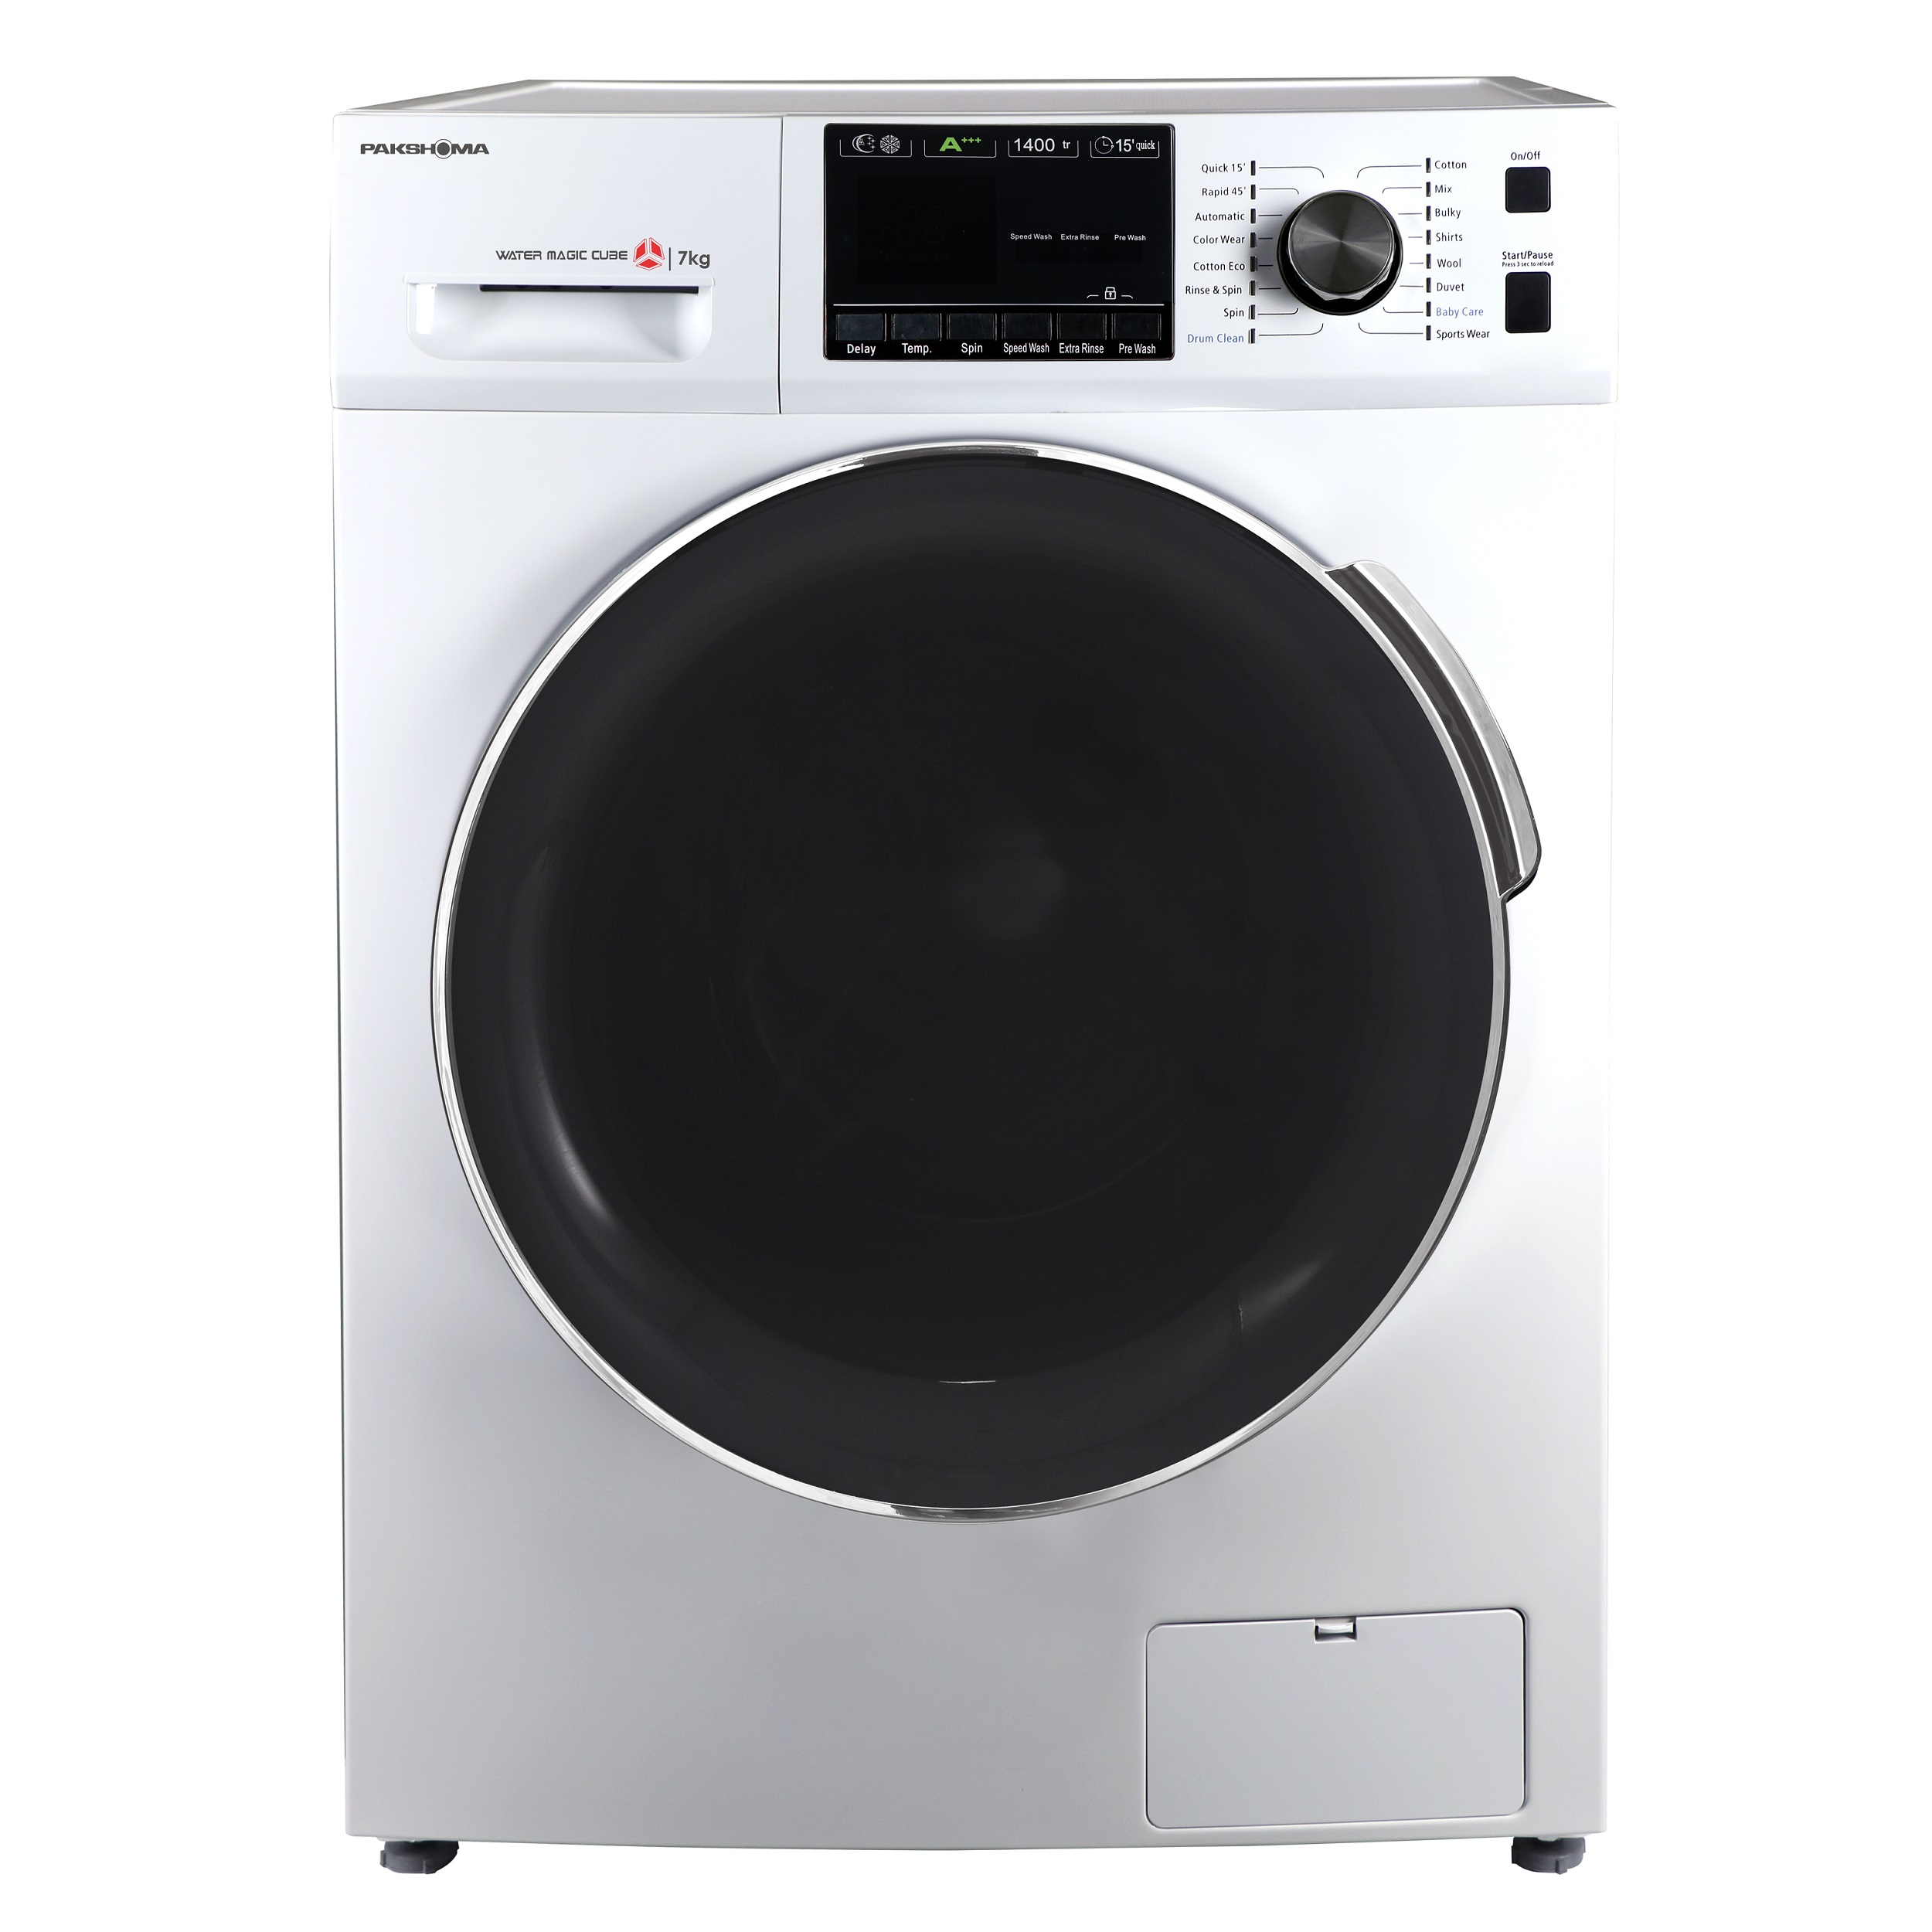 فروش نقدی یا اقساطی ماشین لباسشویی پاکشوما مدل TFU-74401 ظرفیت 7 کیلوگرم